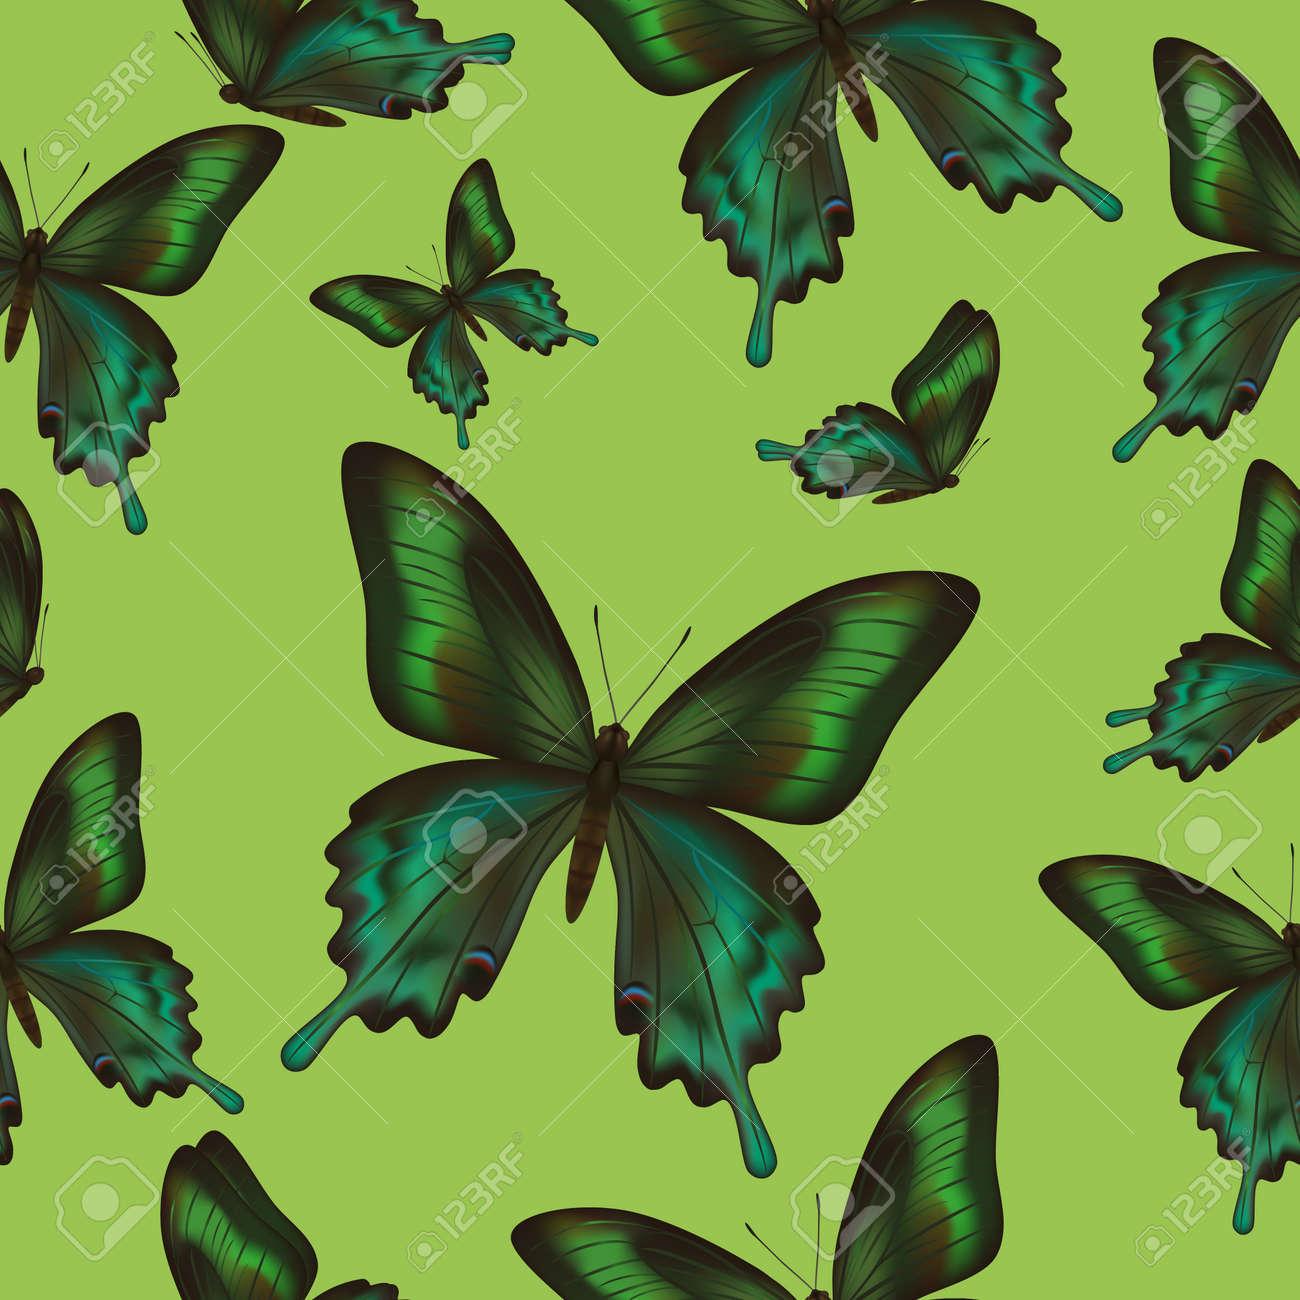 明るいスタイリッシュなおしゃれな壁紙ベクター イラスト蝶の飛行エキゾチックな熱帯の緑の美しい背景シームレスなパターンのイラスト素材 ベクタ Image